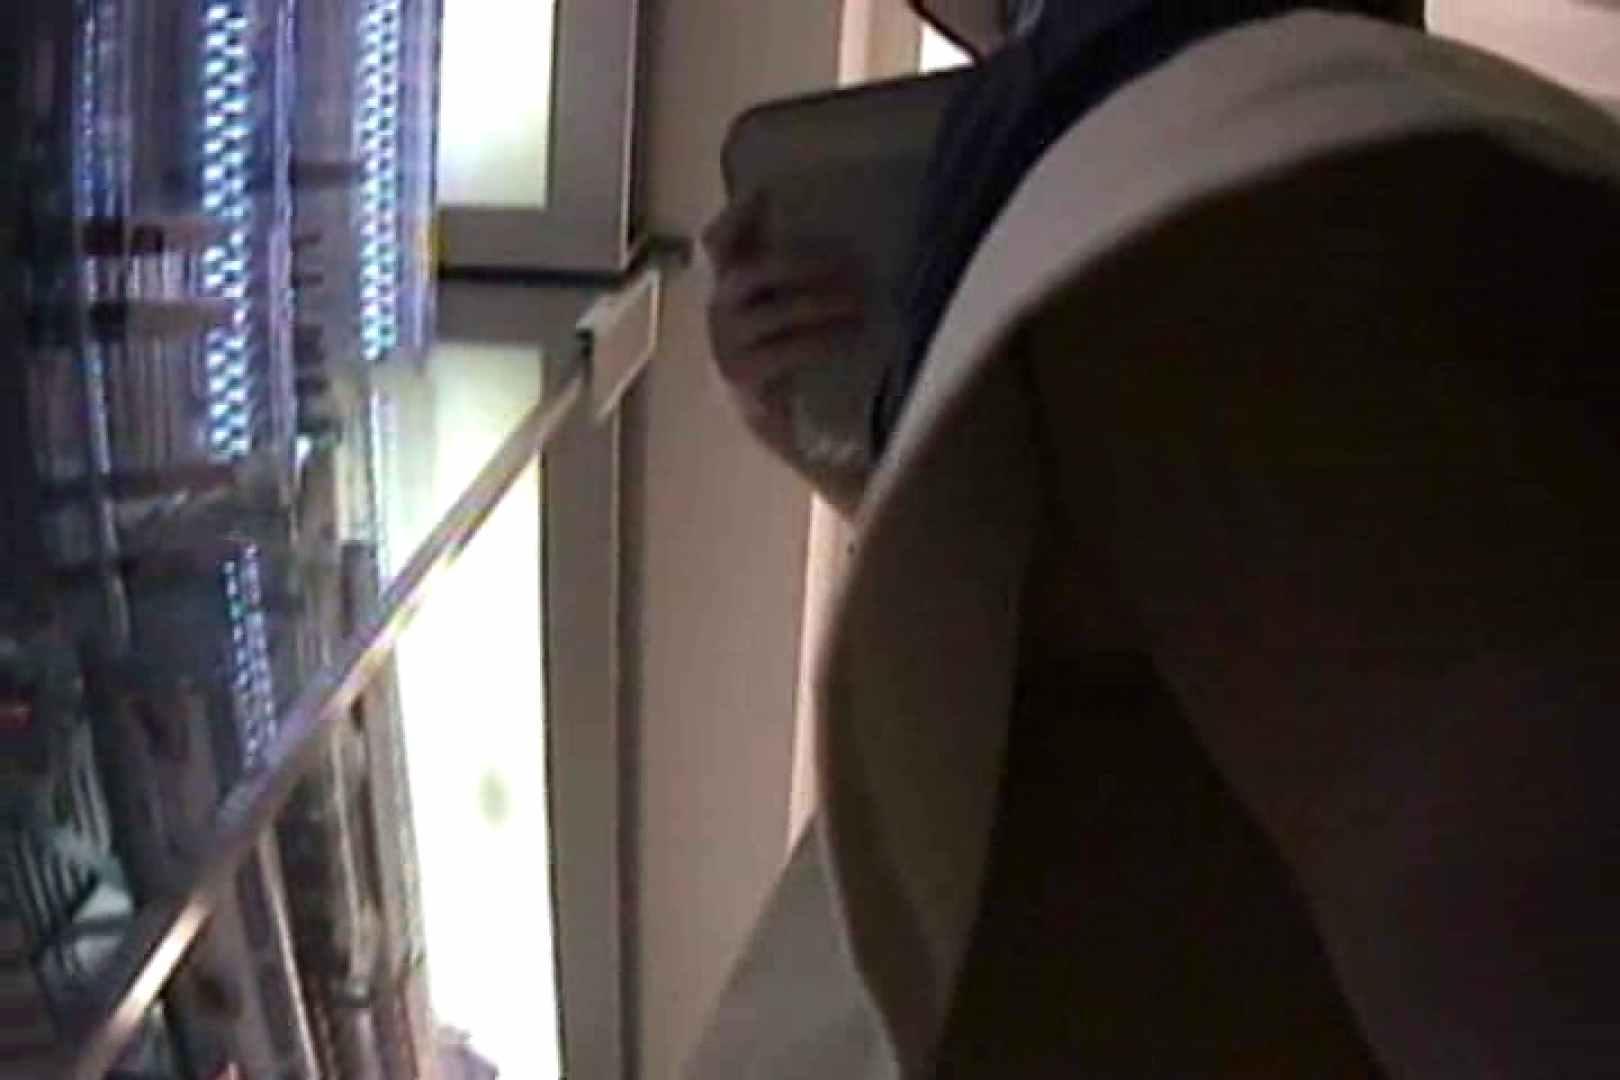 カメラぶっこみ!パンチラ奪取!!Vol.8 チラ歓迎 戯れ無修正画像 93pic 11